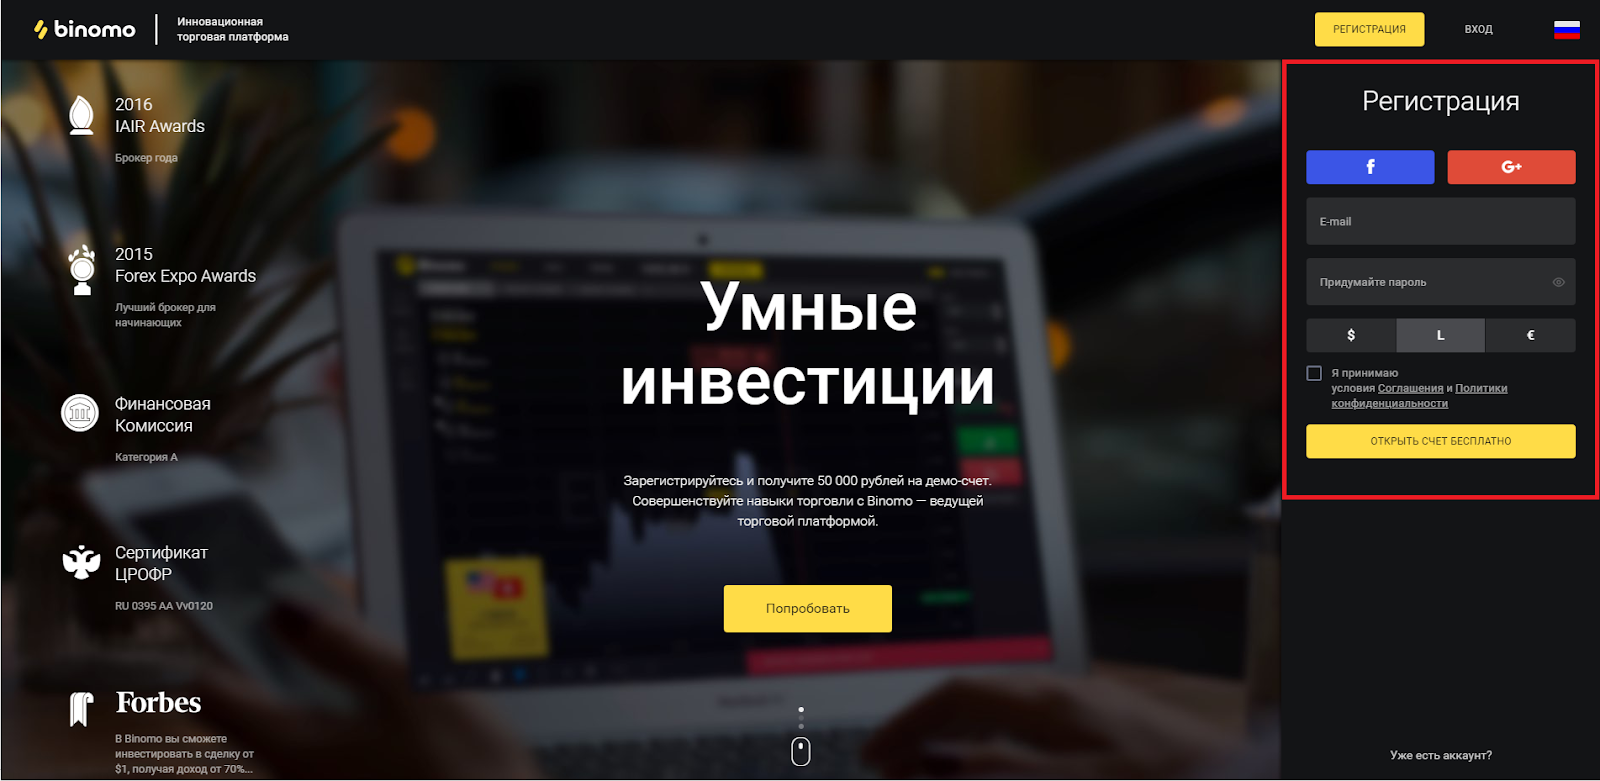 Форма регистрации на главной странице Binomo